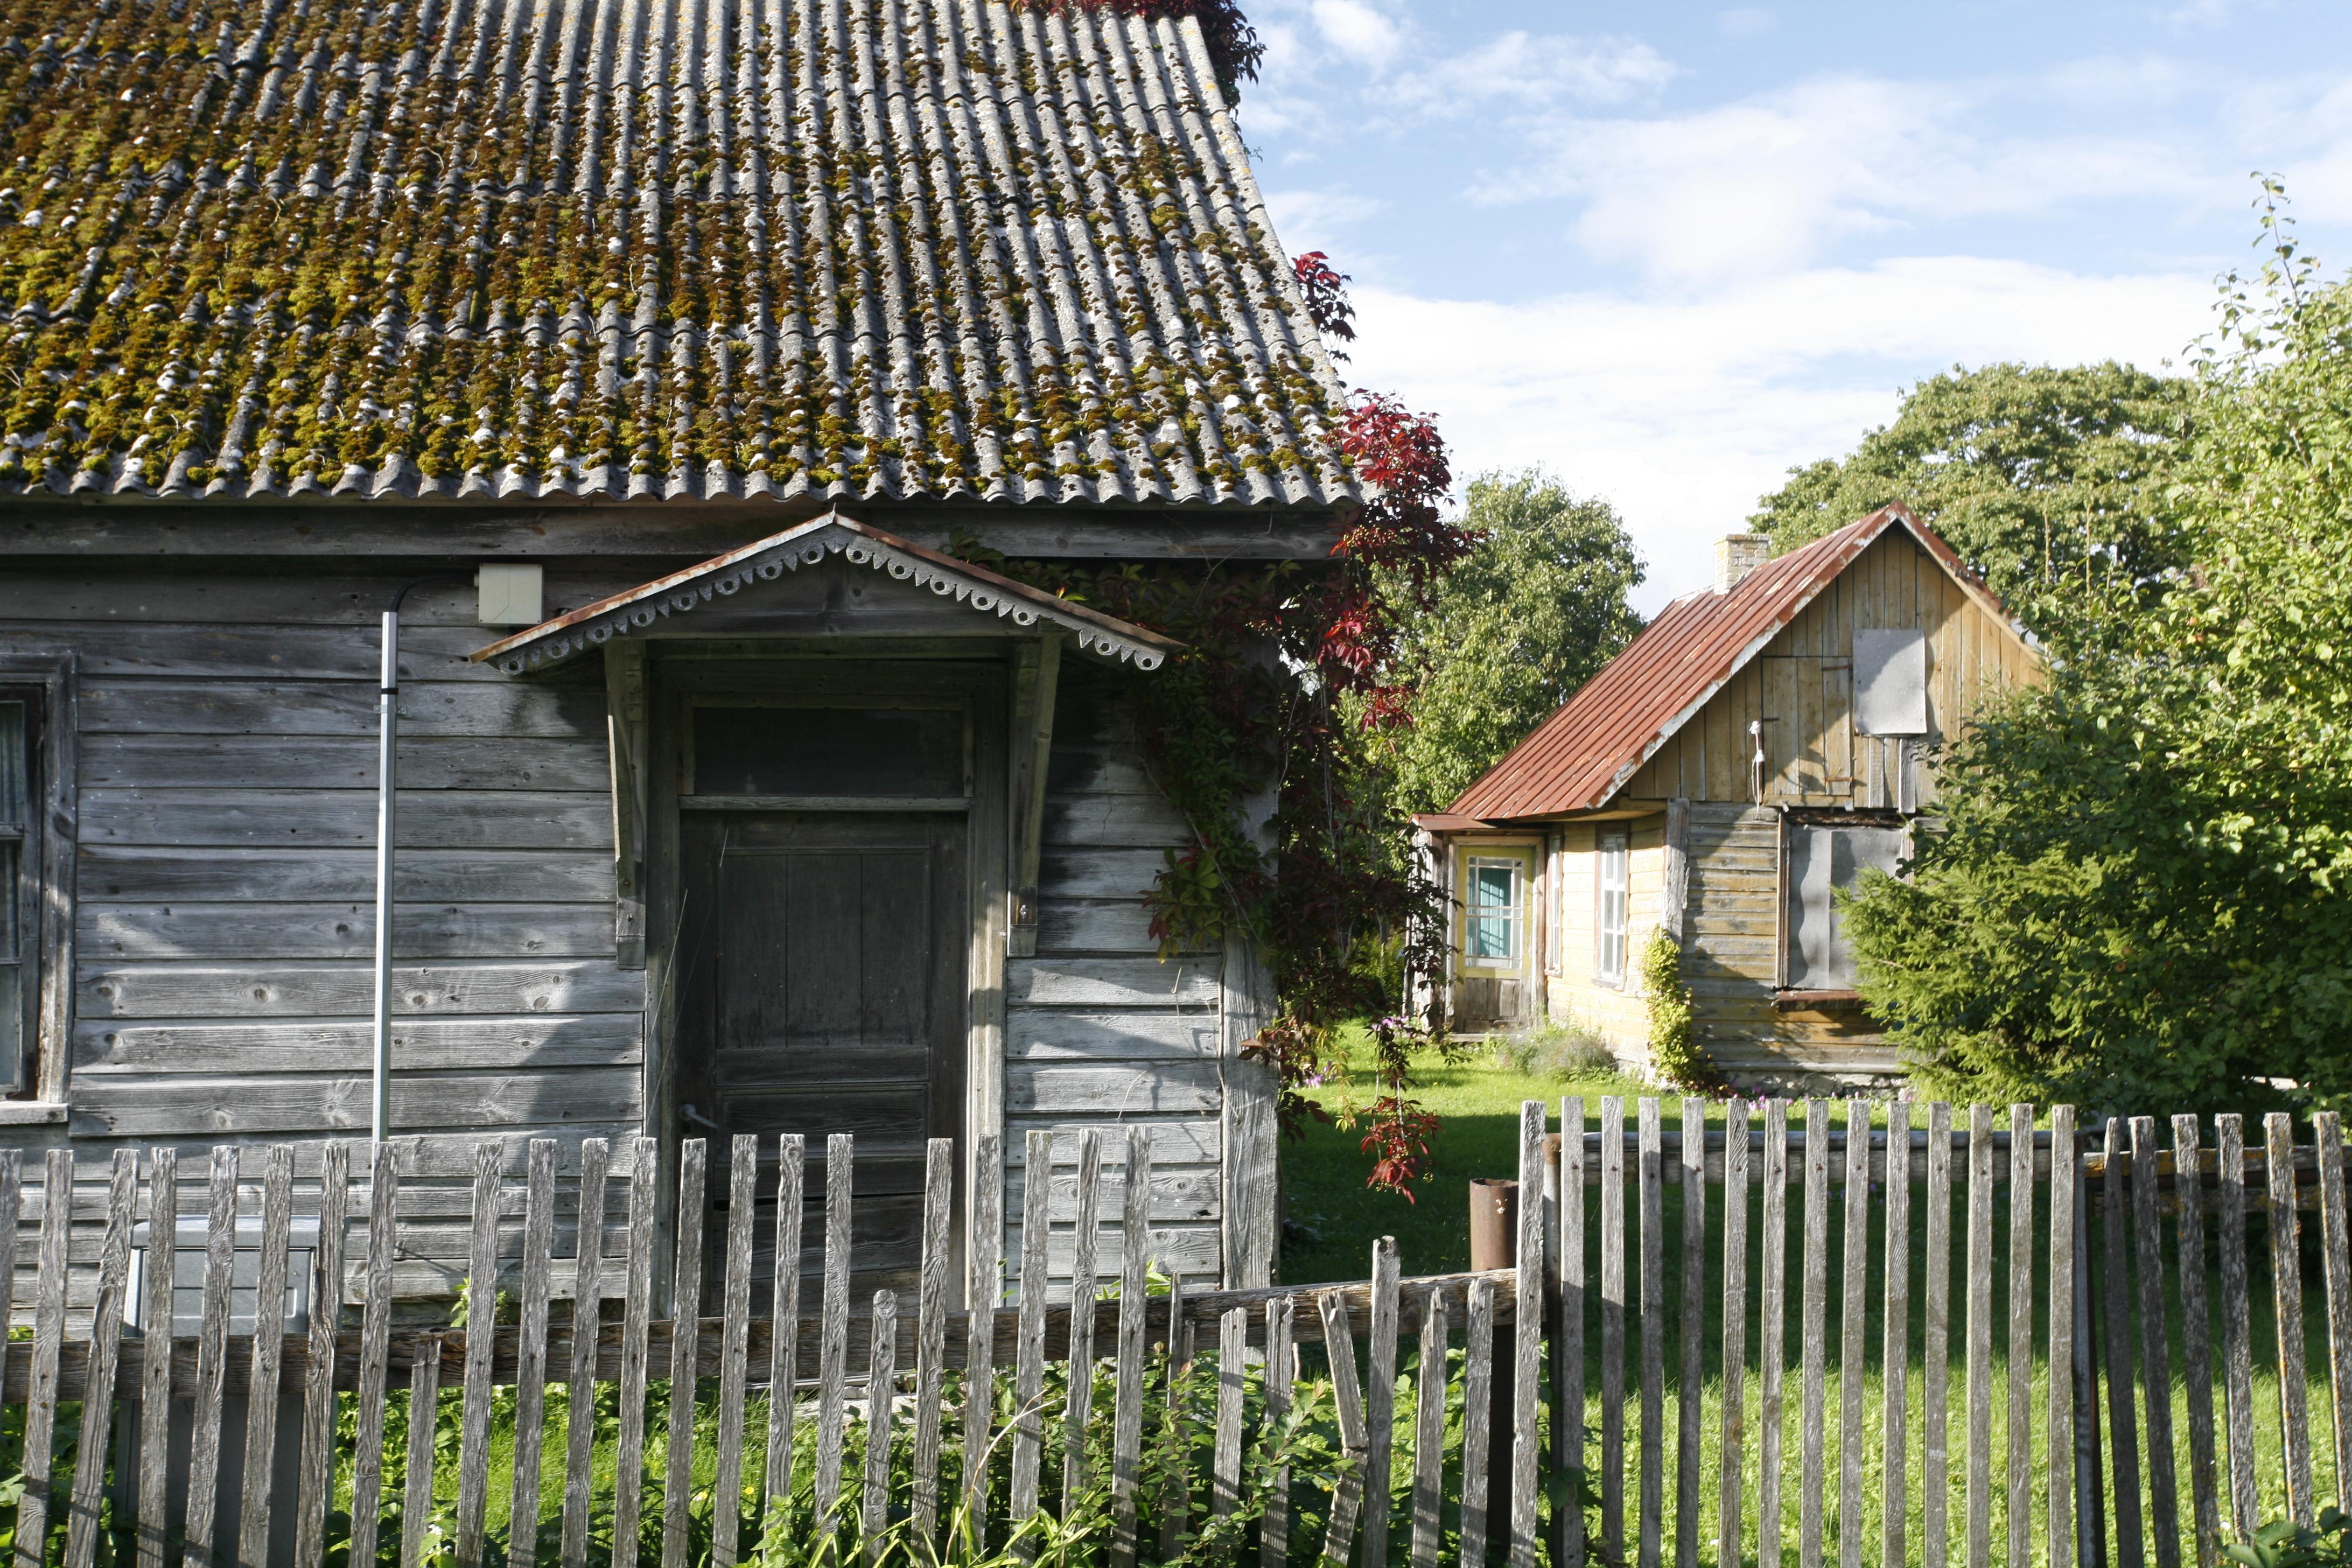 Byen Kuressaare i Estland er kjent for sine flotte steinbygninger fra 1700 og 1800-tallet men har også en vakker gammel trehusbebyggelse. Foto: Kaarel Truu Estland National Heritage Board